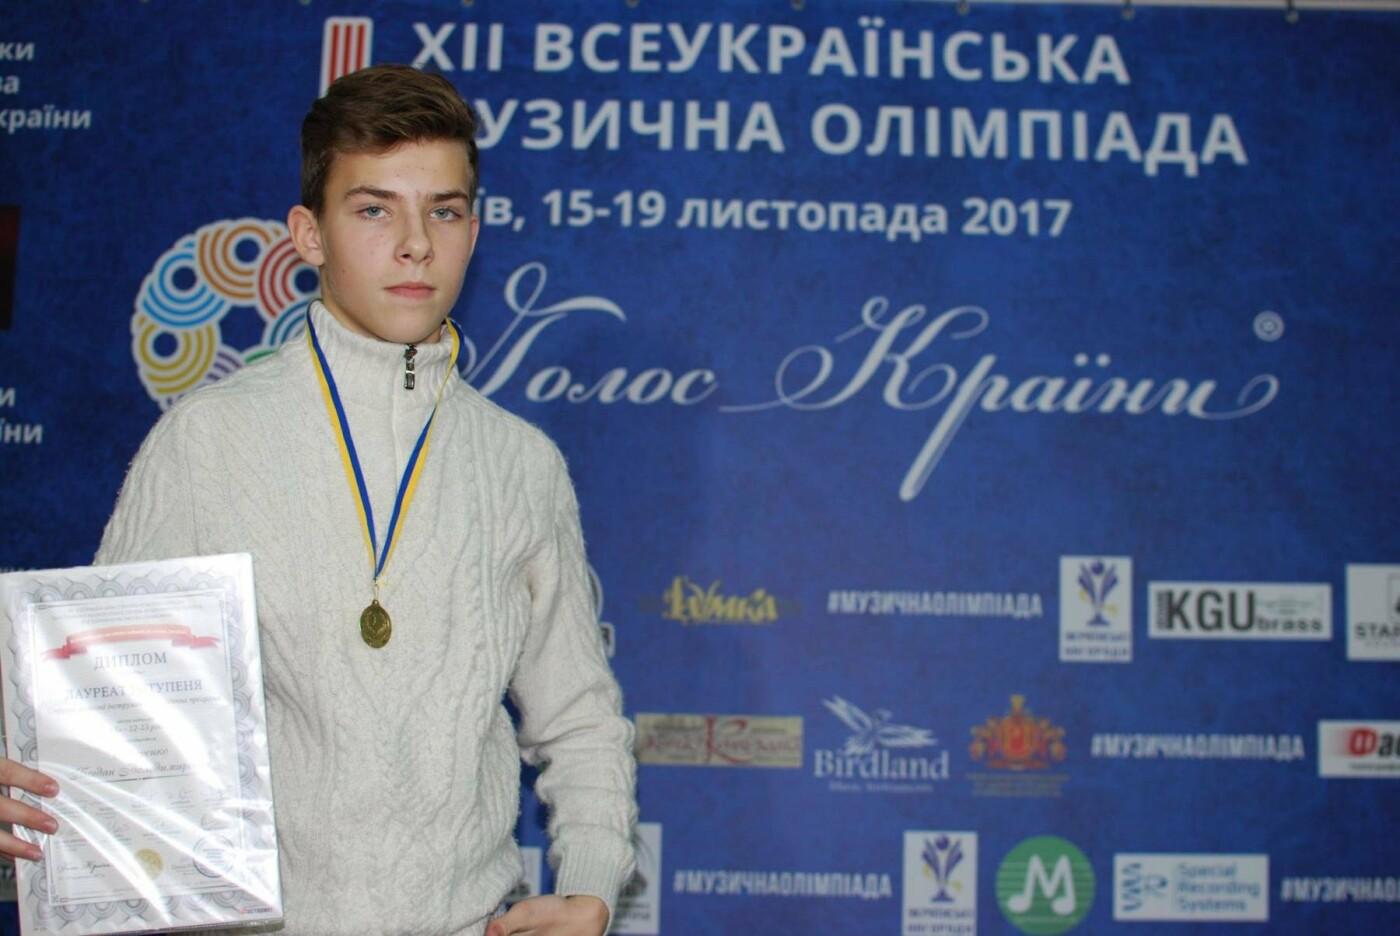 Учні Броварської музичної школи стали переможцями олімпіади «Голос країни», фото-2